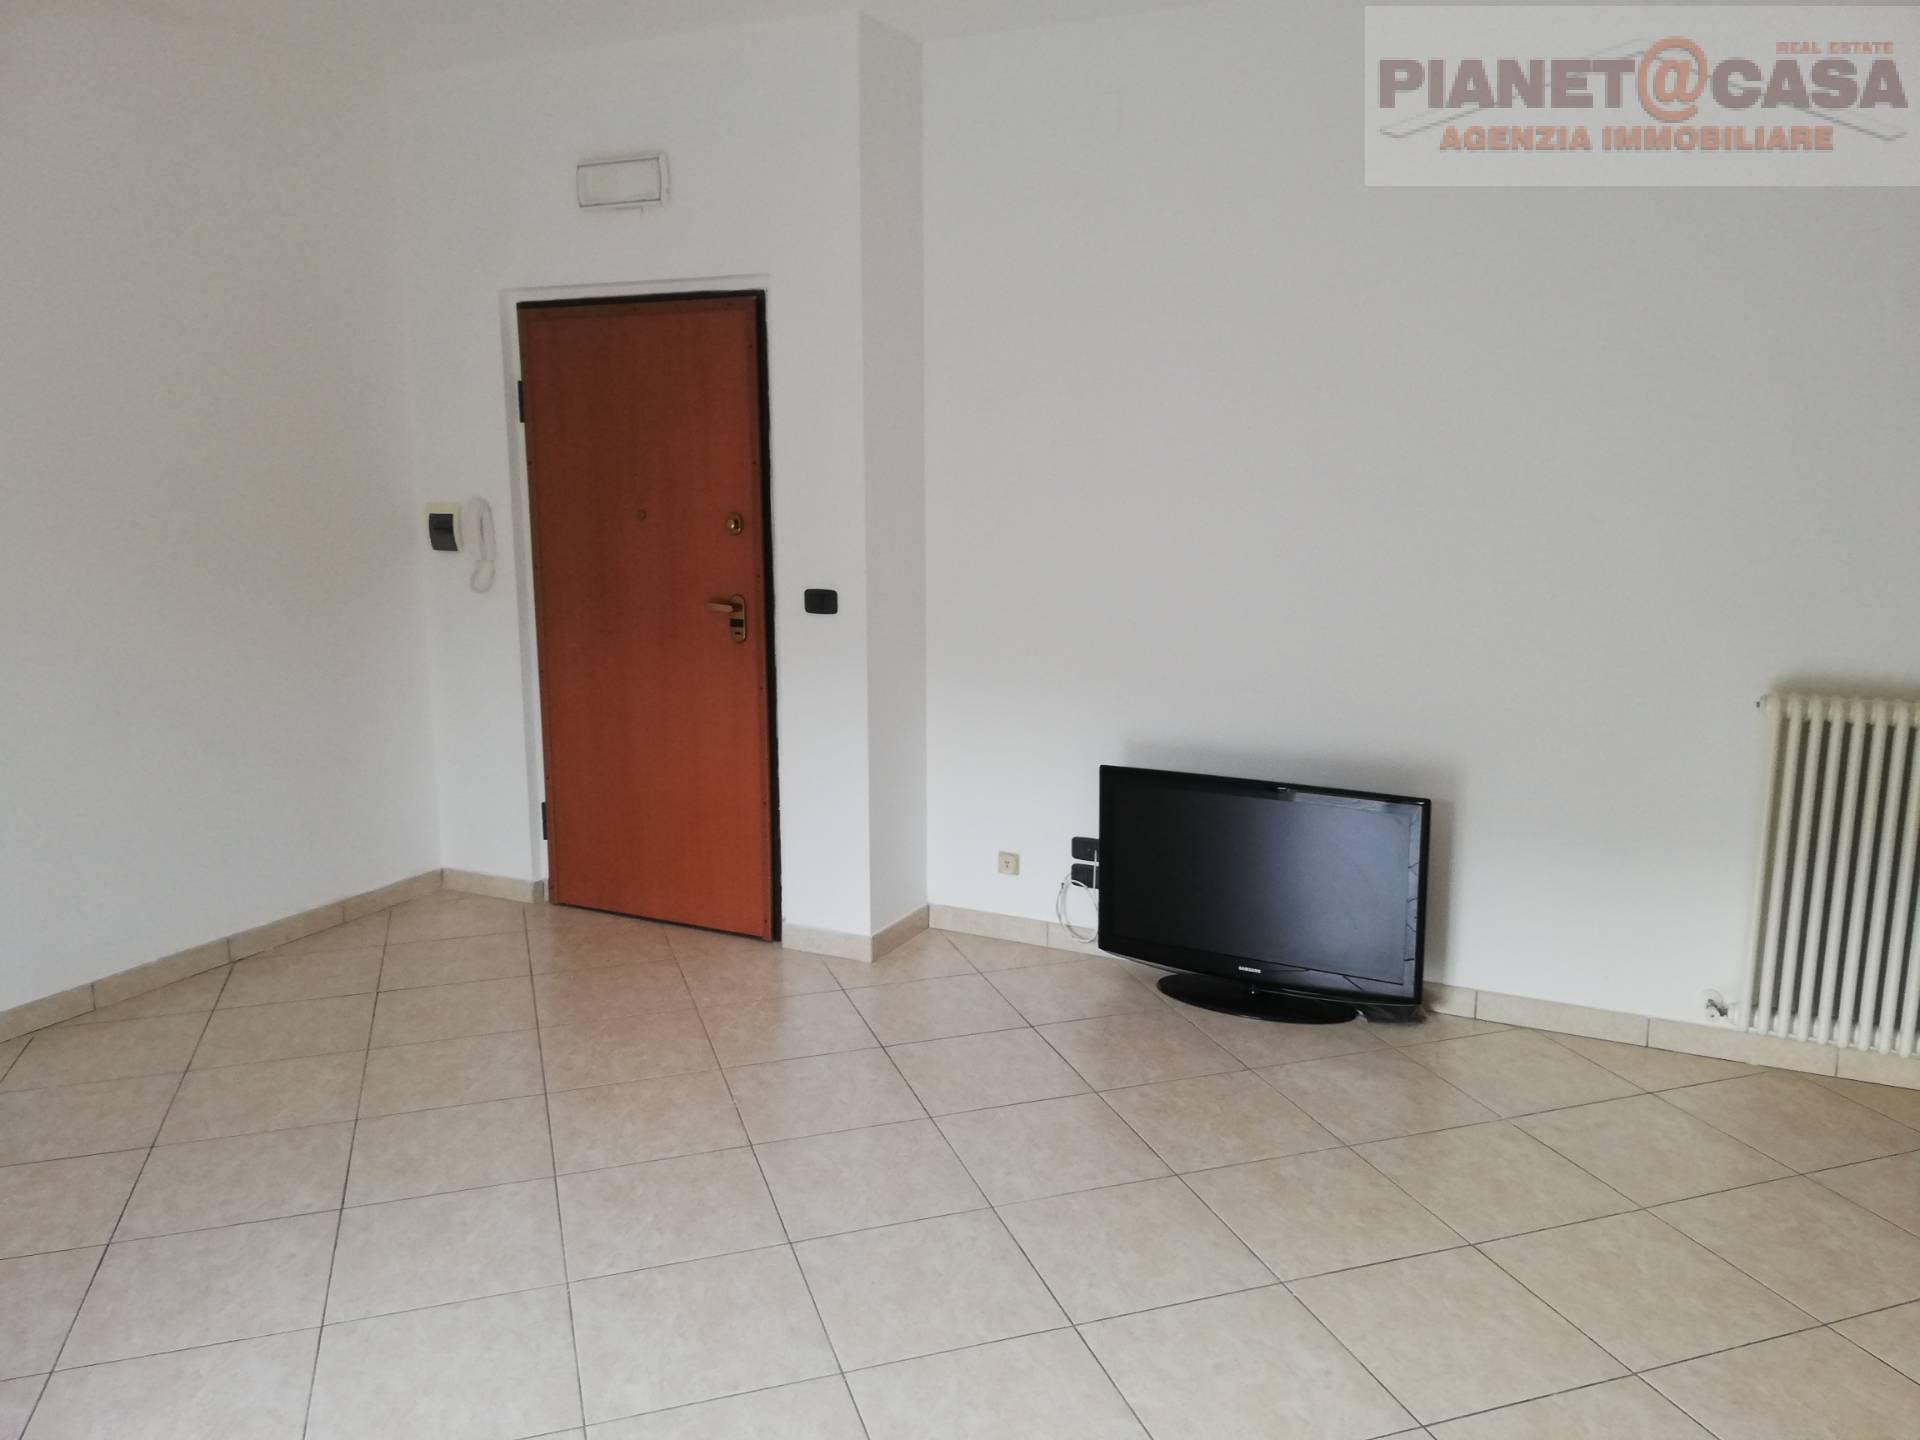 Appartamento in vendita a Castel di Lama, 3 locali, prezzo € 118.000 | CambioCasa.it